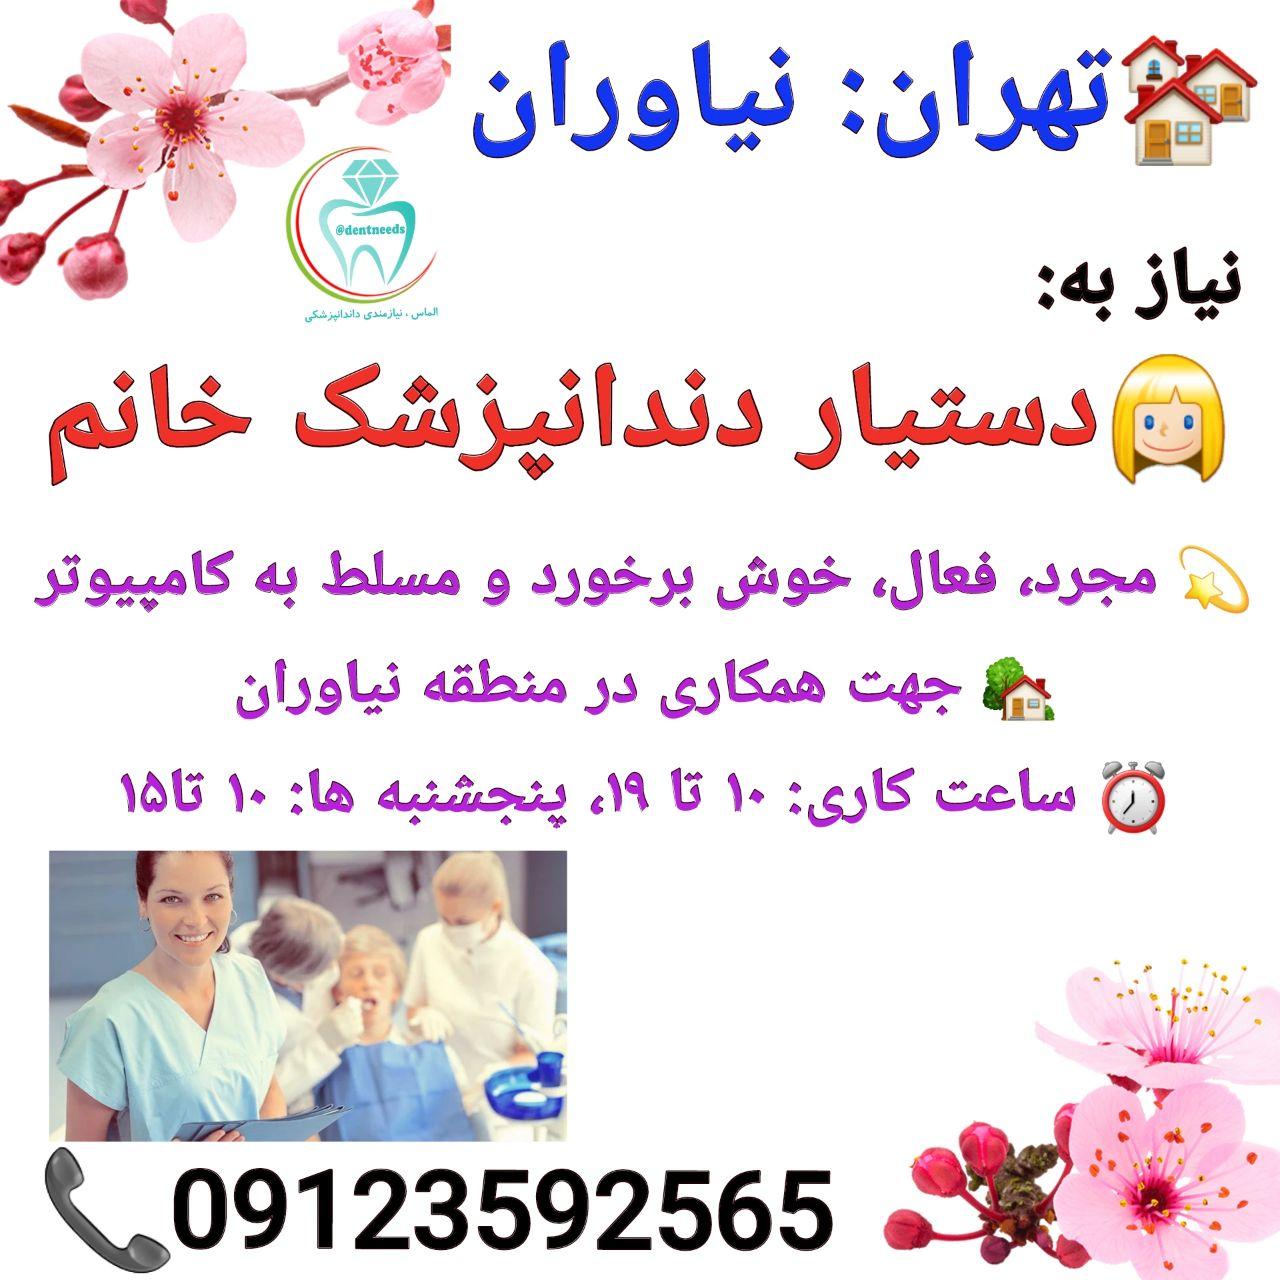 تهران: نیاوران ،نیاز به دستیار دندانپزشک خانم